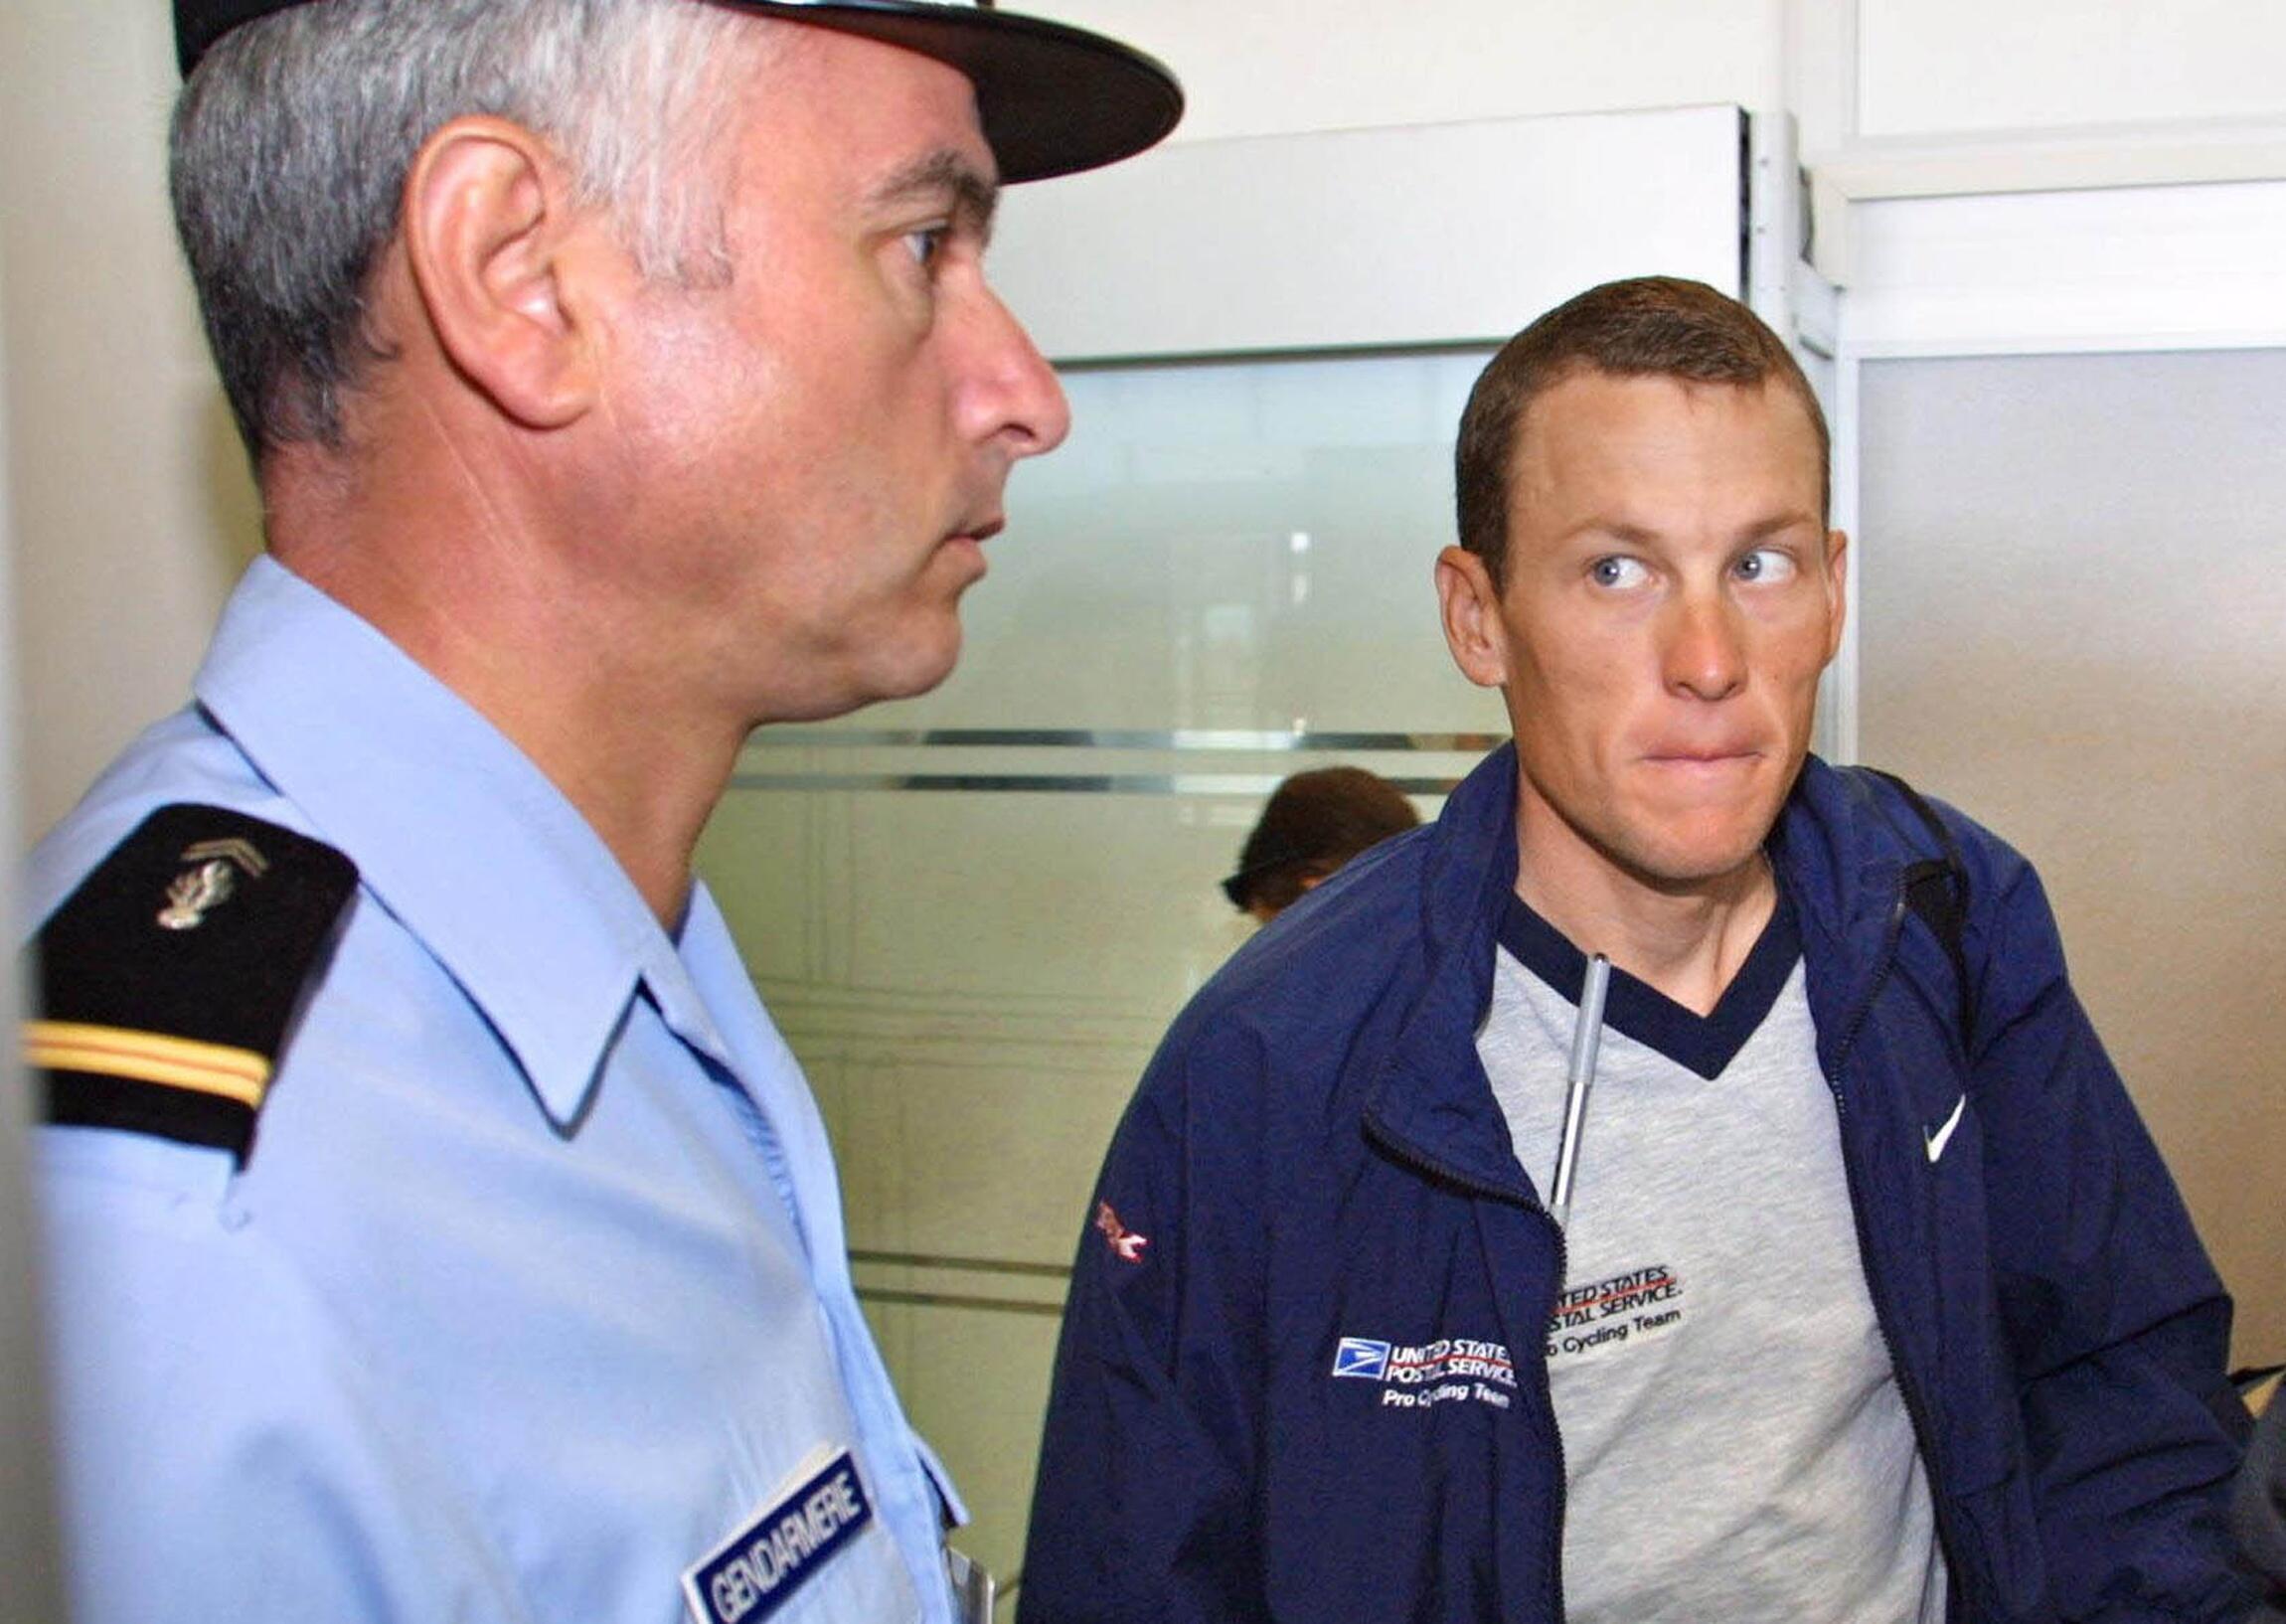 Ларс Армстронг, отстраненный от соревнований по обвинению в допинге. Гренобль 19/07/2001 (архив)